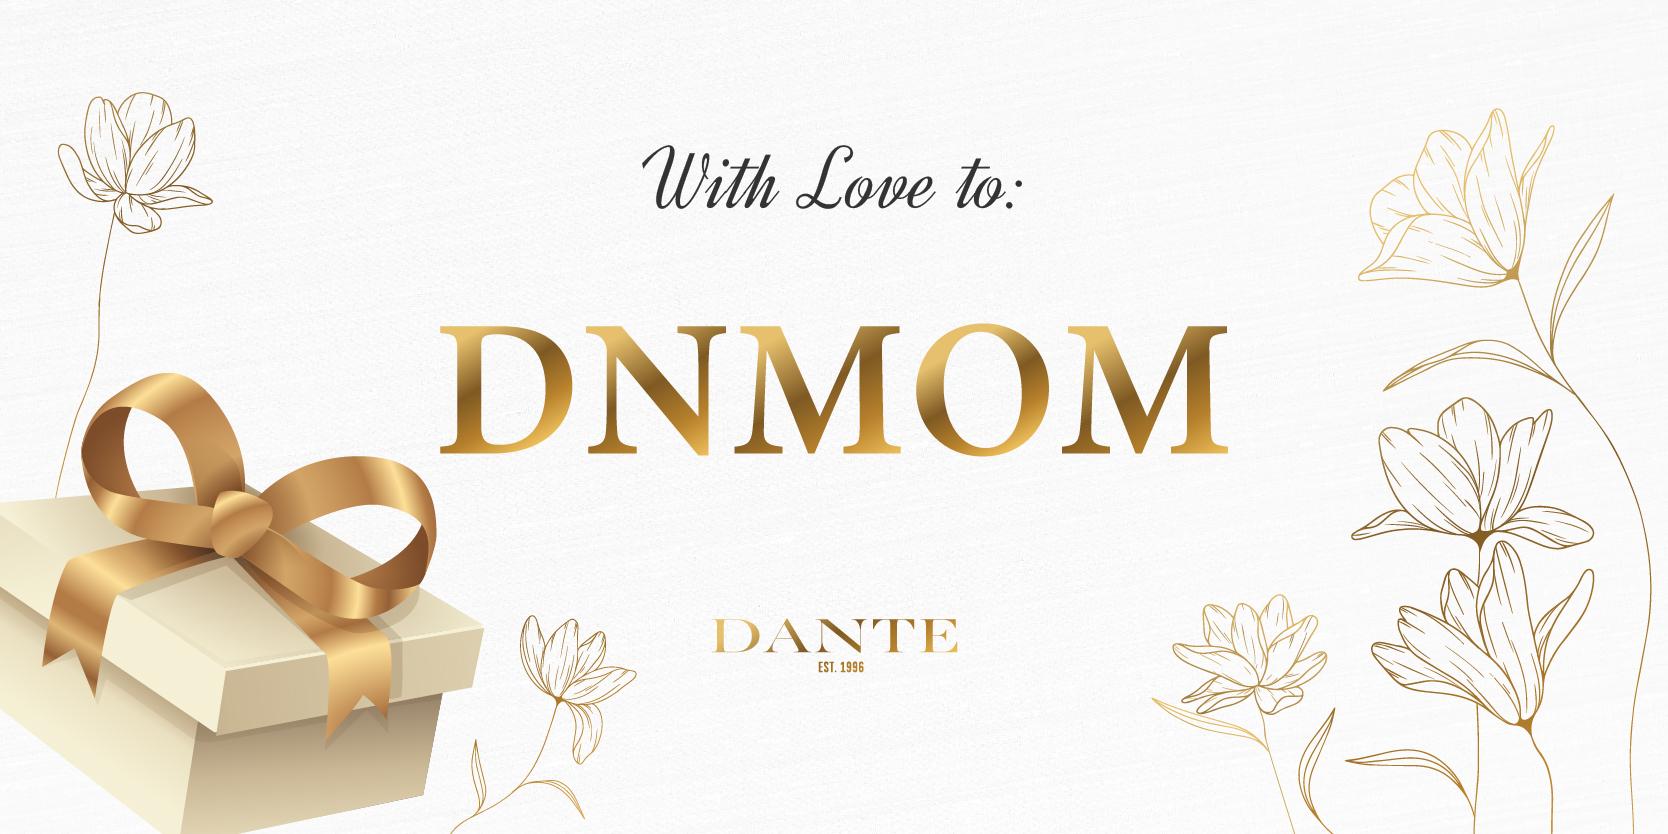 Calzado Dante - Giftcard Navidad